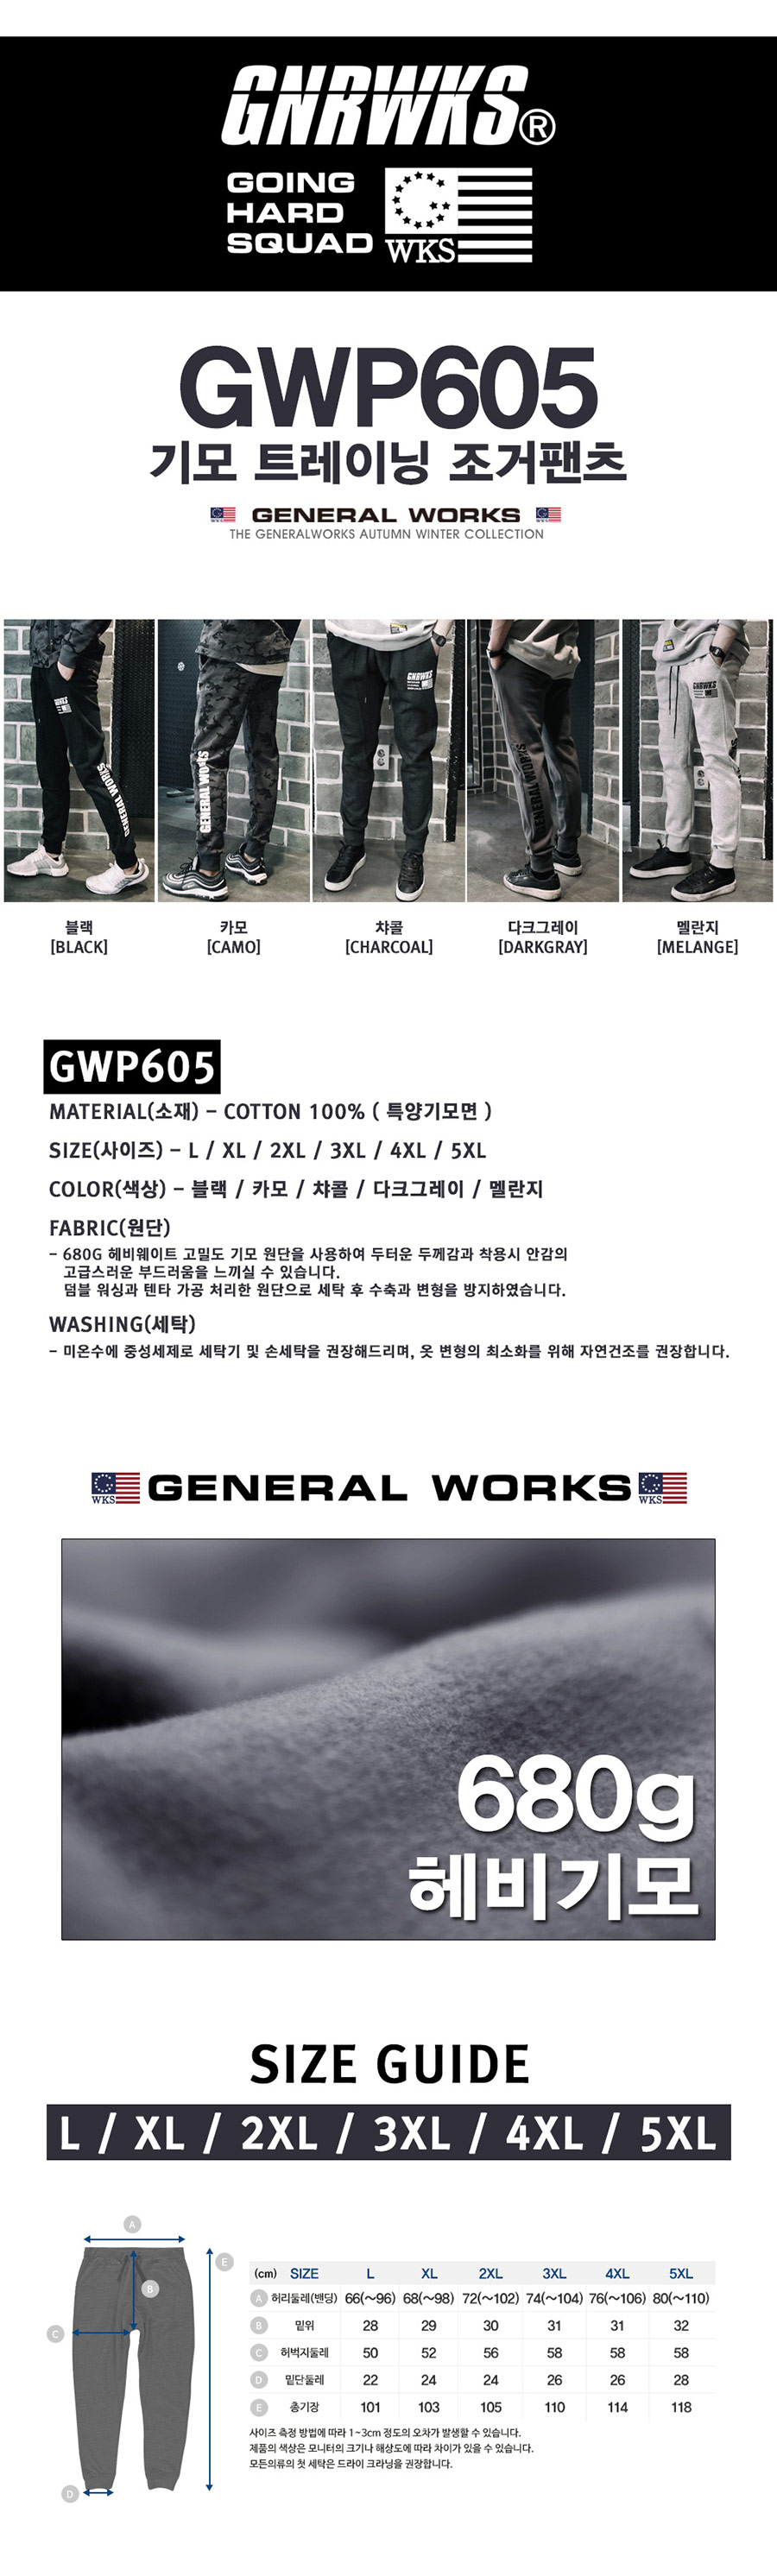 제네럴웍스 GWP605 빅사이즈 밴딩 영문 레터링 기모 테크플리스 조거팬츠 트레이닝 추리닝